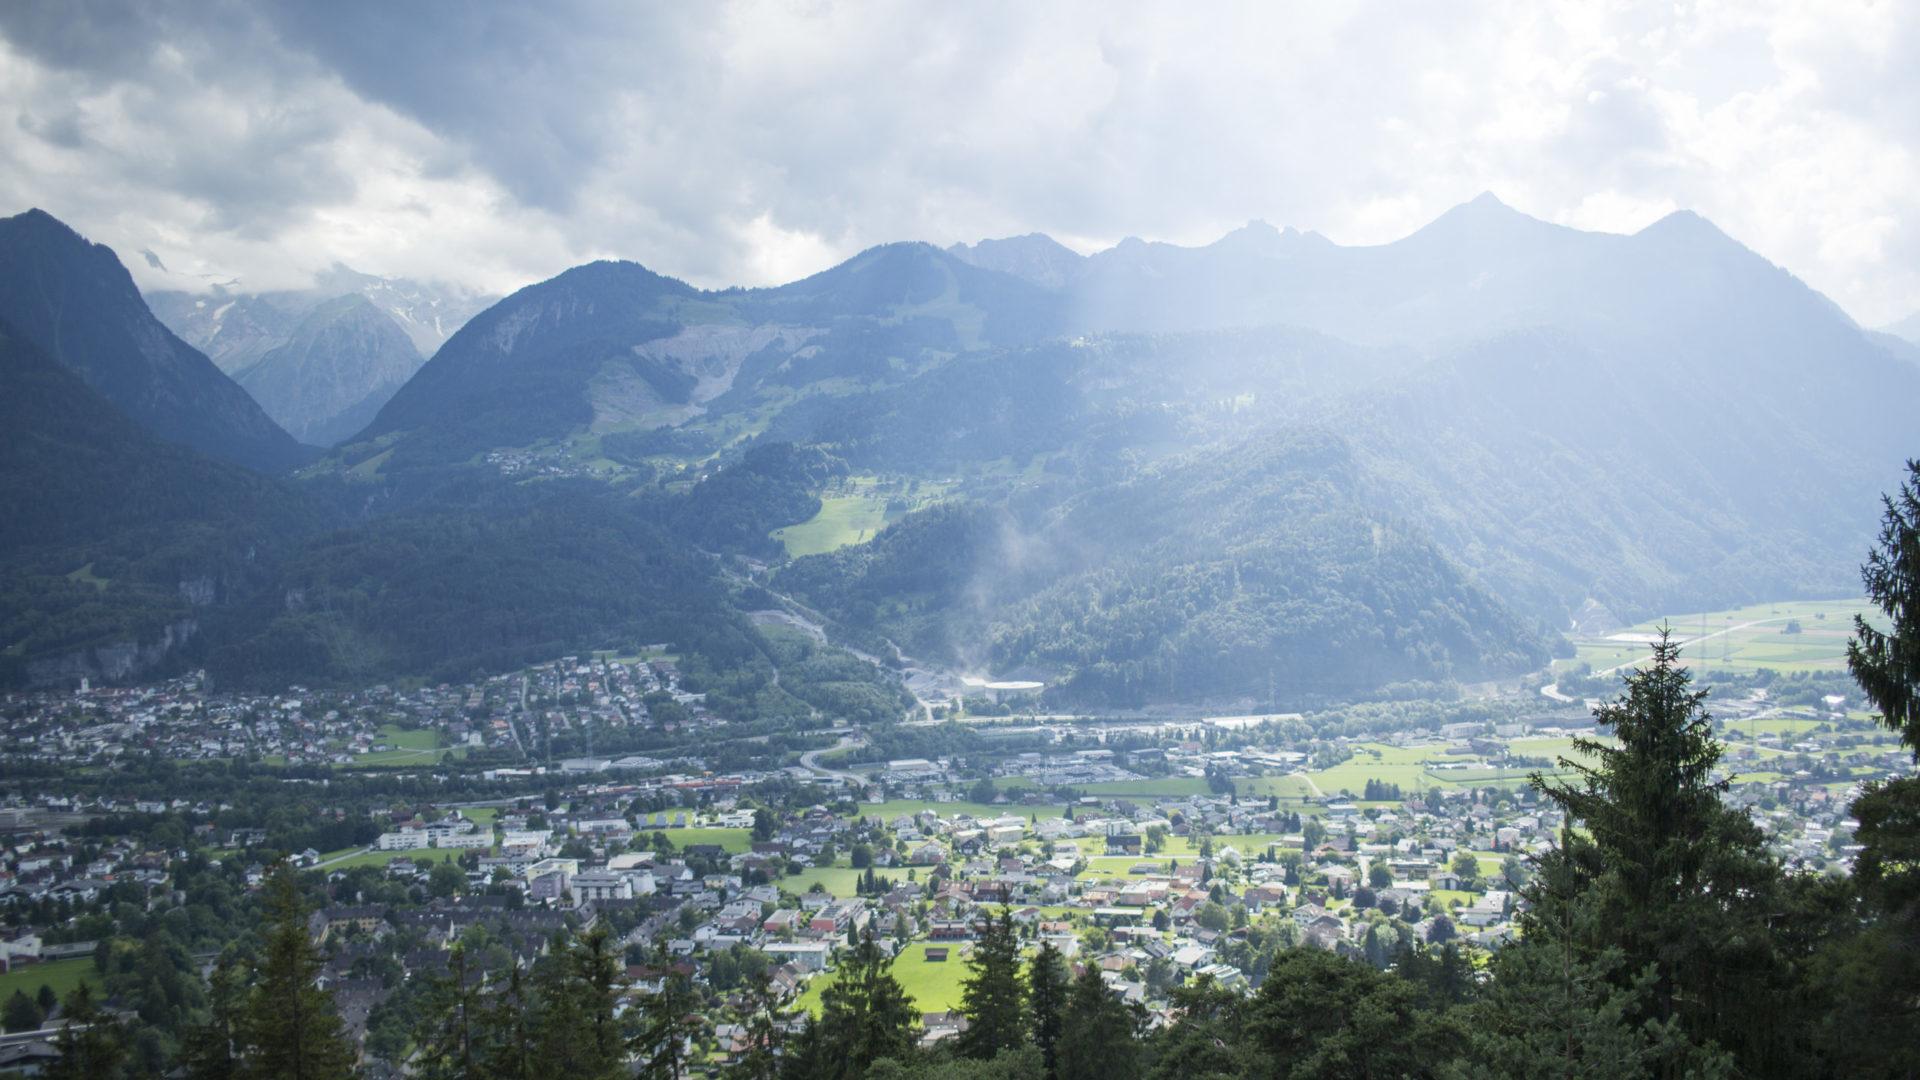 Blick auf den Walgau, Bludenz, Regionen in Vorarlberg (c) Vorarlberg Tourismus